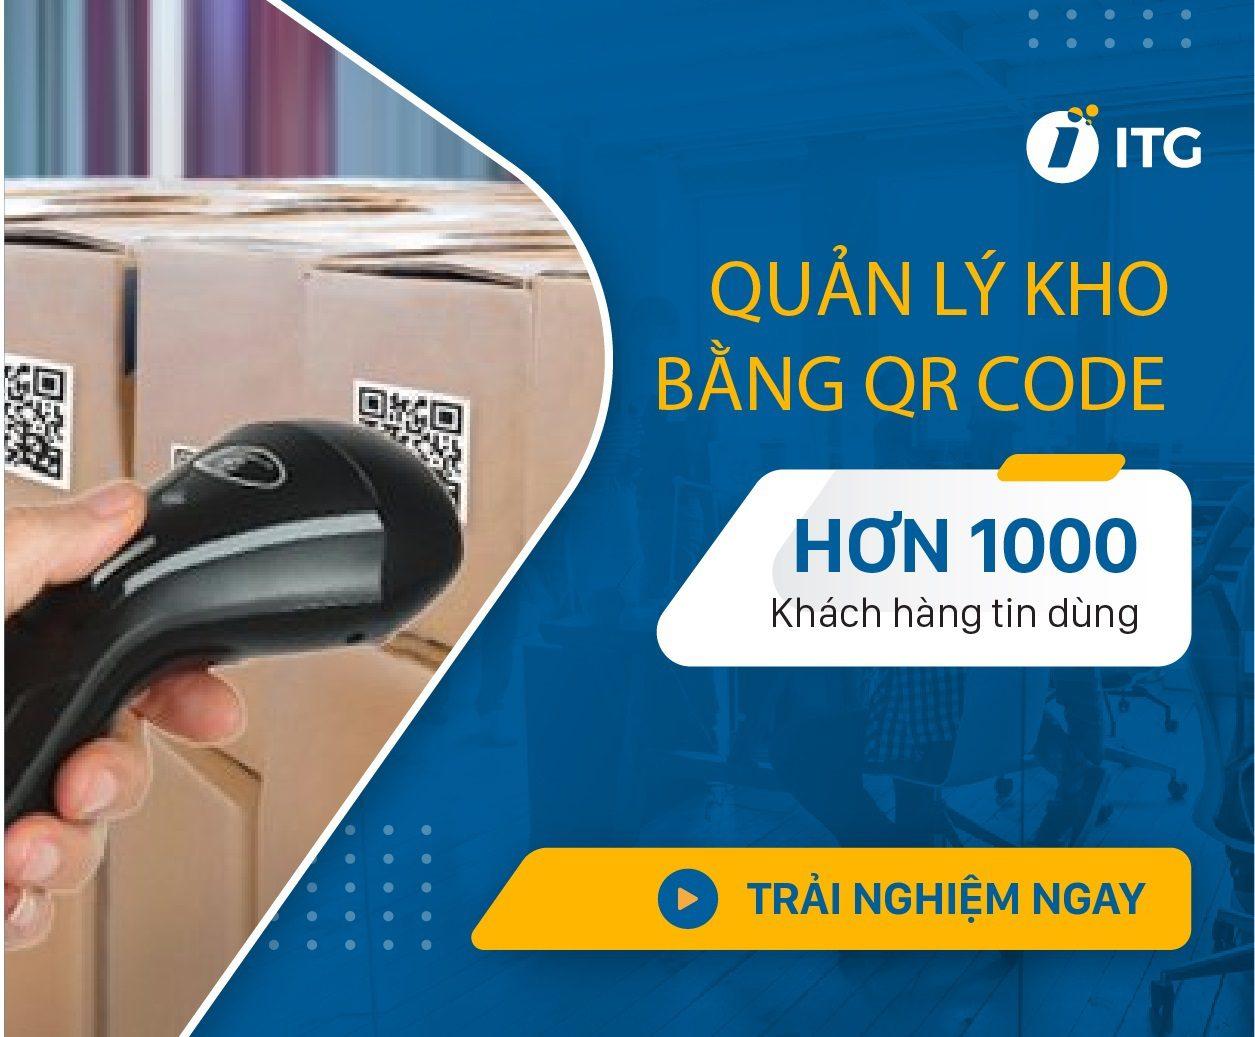 Quản lý kho bằng QR code/ Barcode: Nhanh chóng, hiệu quả, chính xác